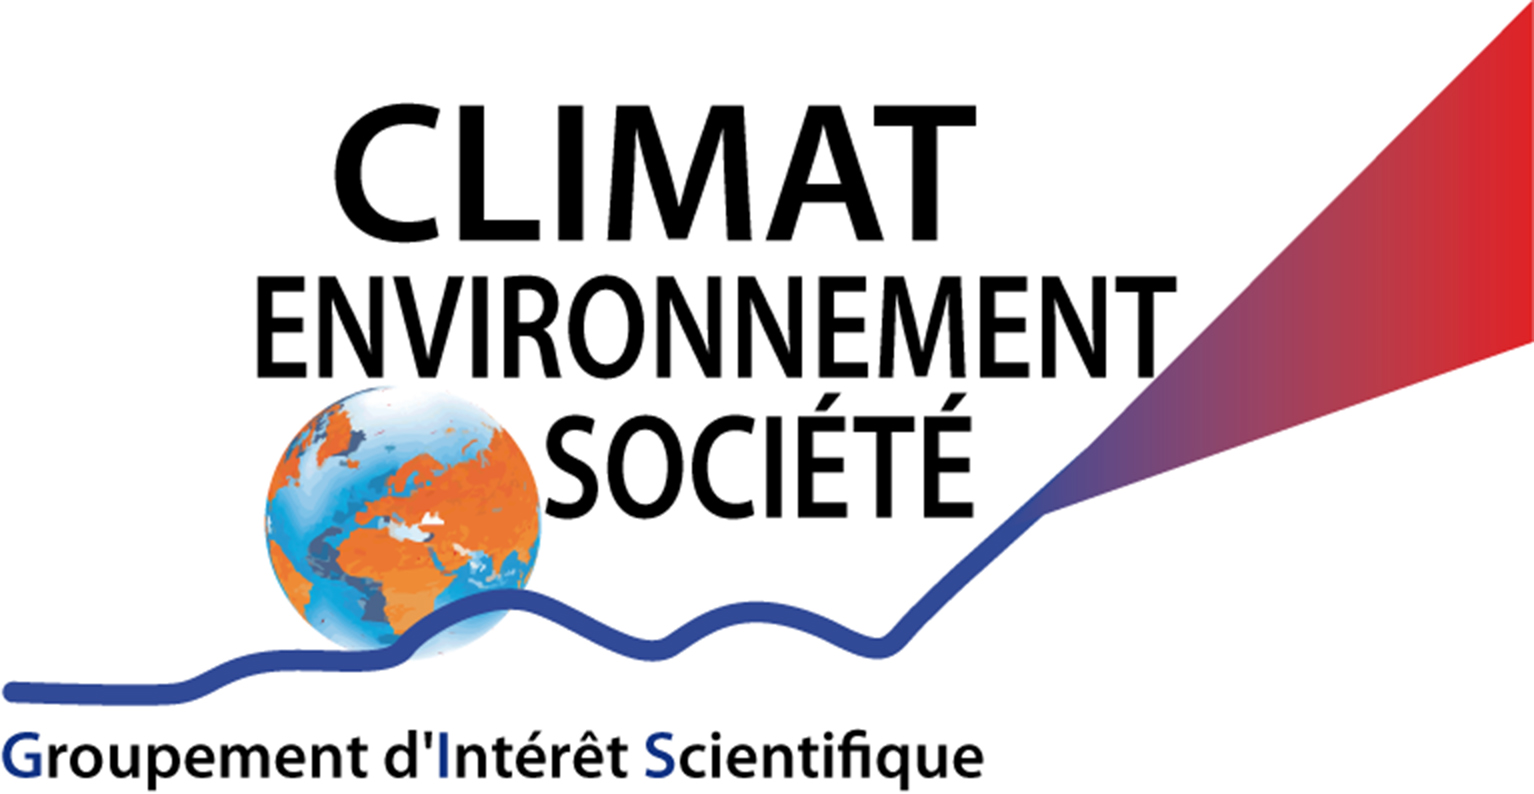 GIS CLimat Environnement SOciété